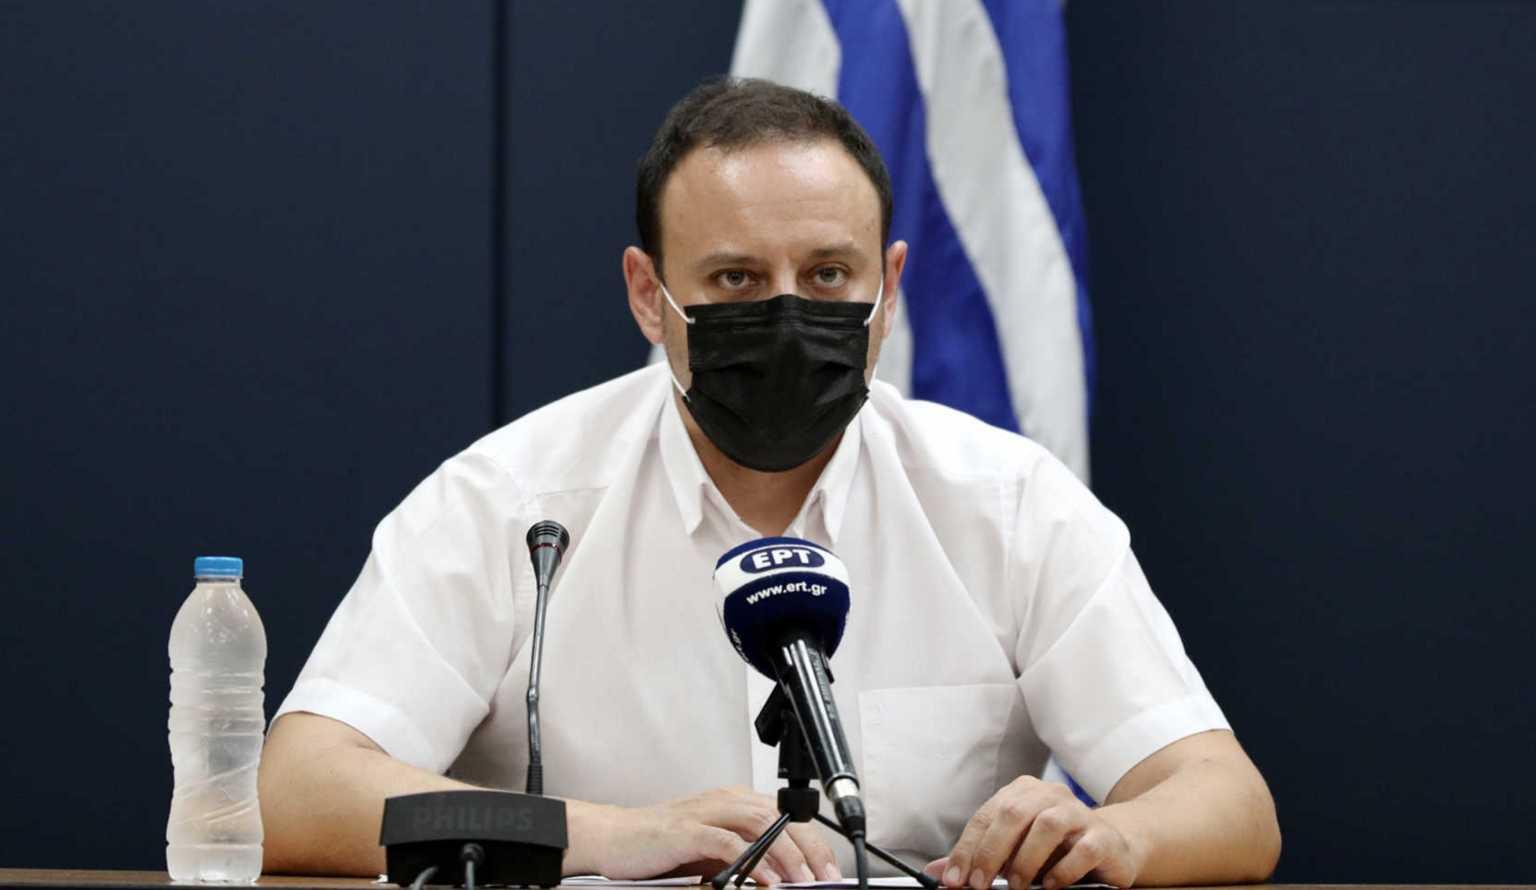 Κορωνοϊός: 170 θάνατοι στους άνω των 65 ετών μέσα σε ένα μήνα – Δραματική έκκληση στους νέους για τη χρήση μάσκας